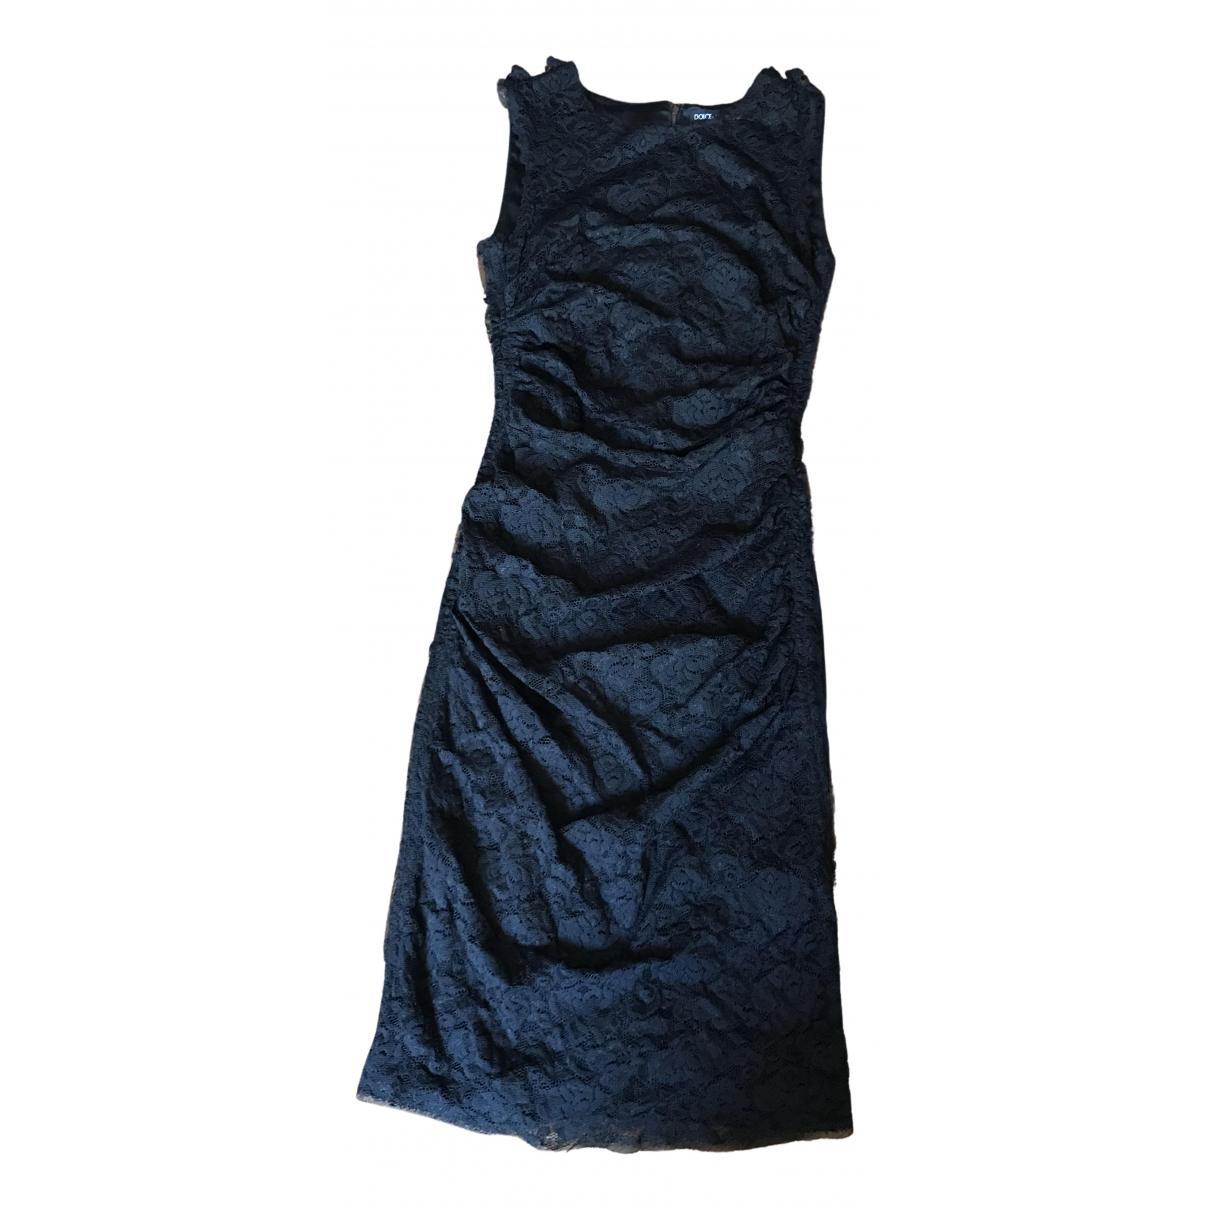 Dolce & Gabbana - Robe   pour femme en dentelle - noir